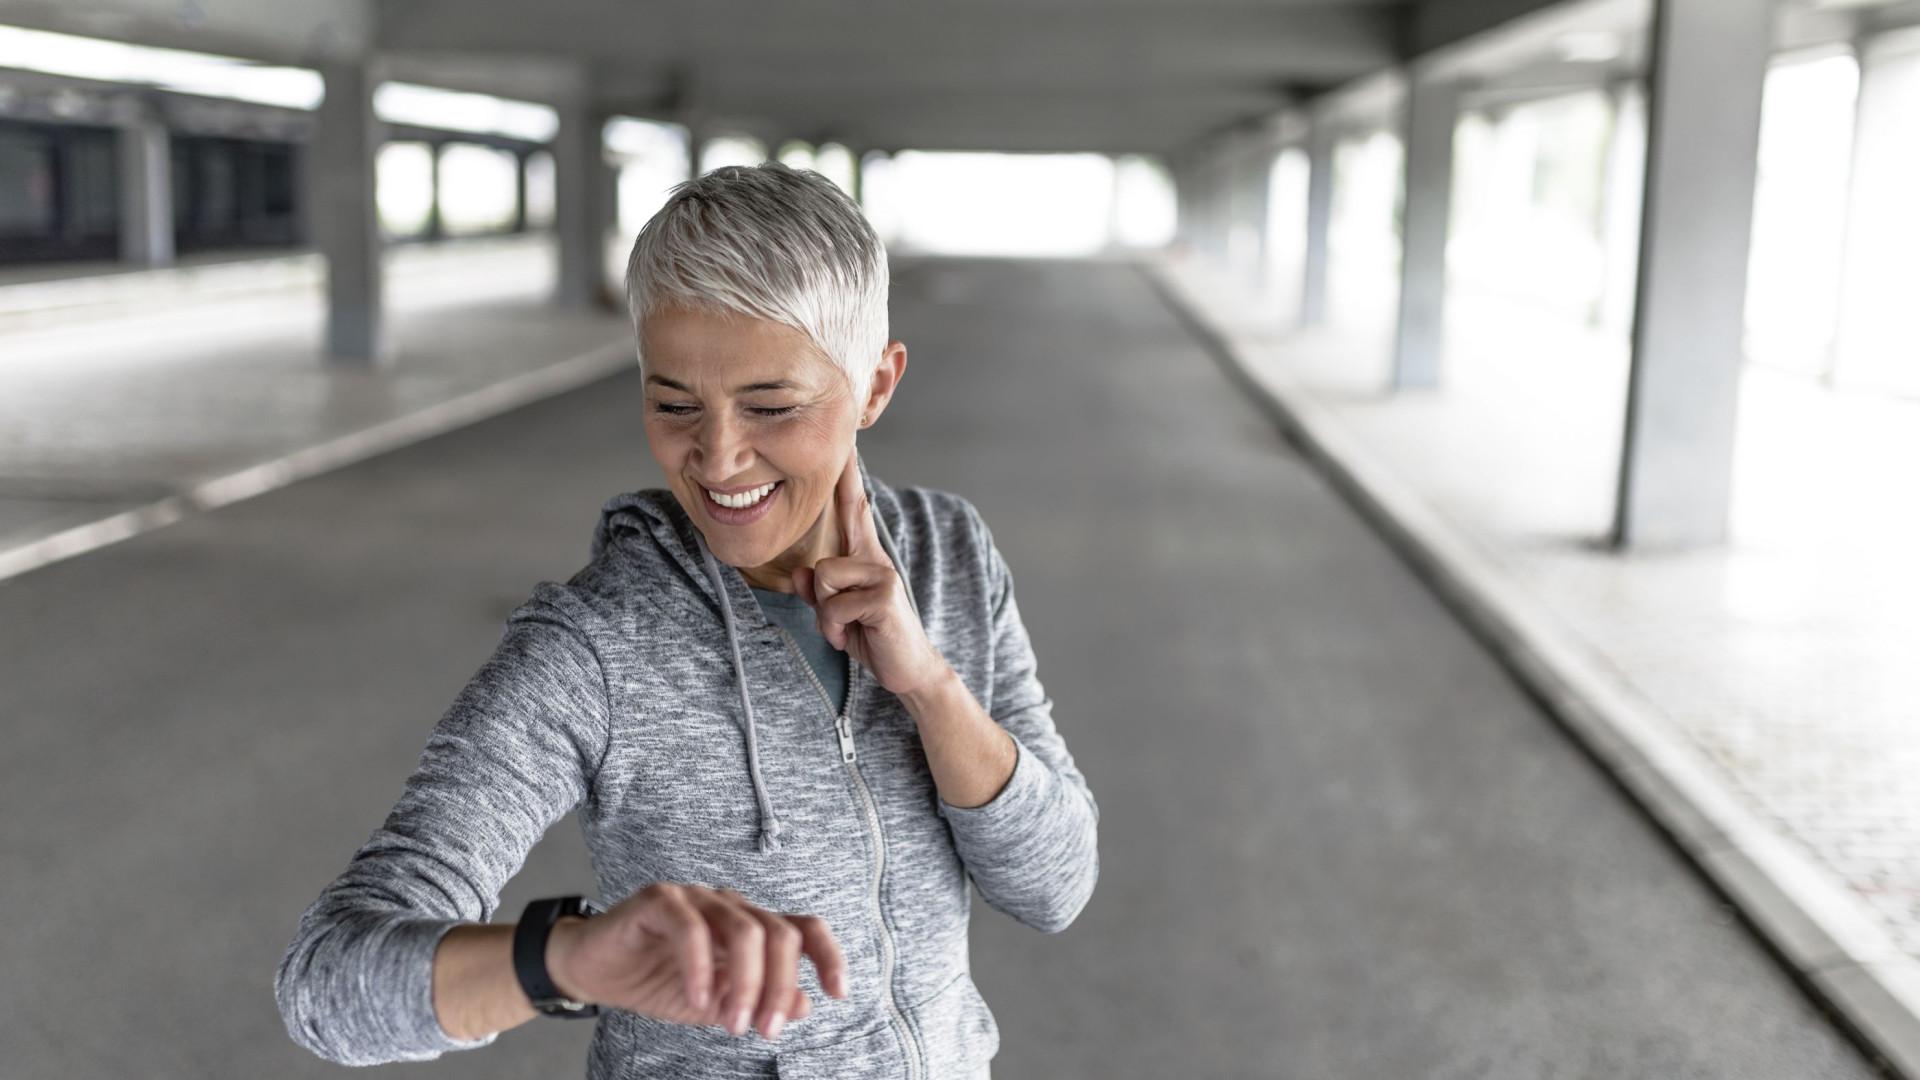 Exercício físico contraria tendência genética para doenças cardíacas